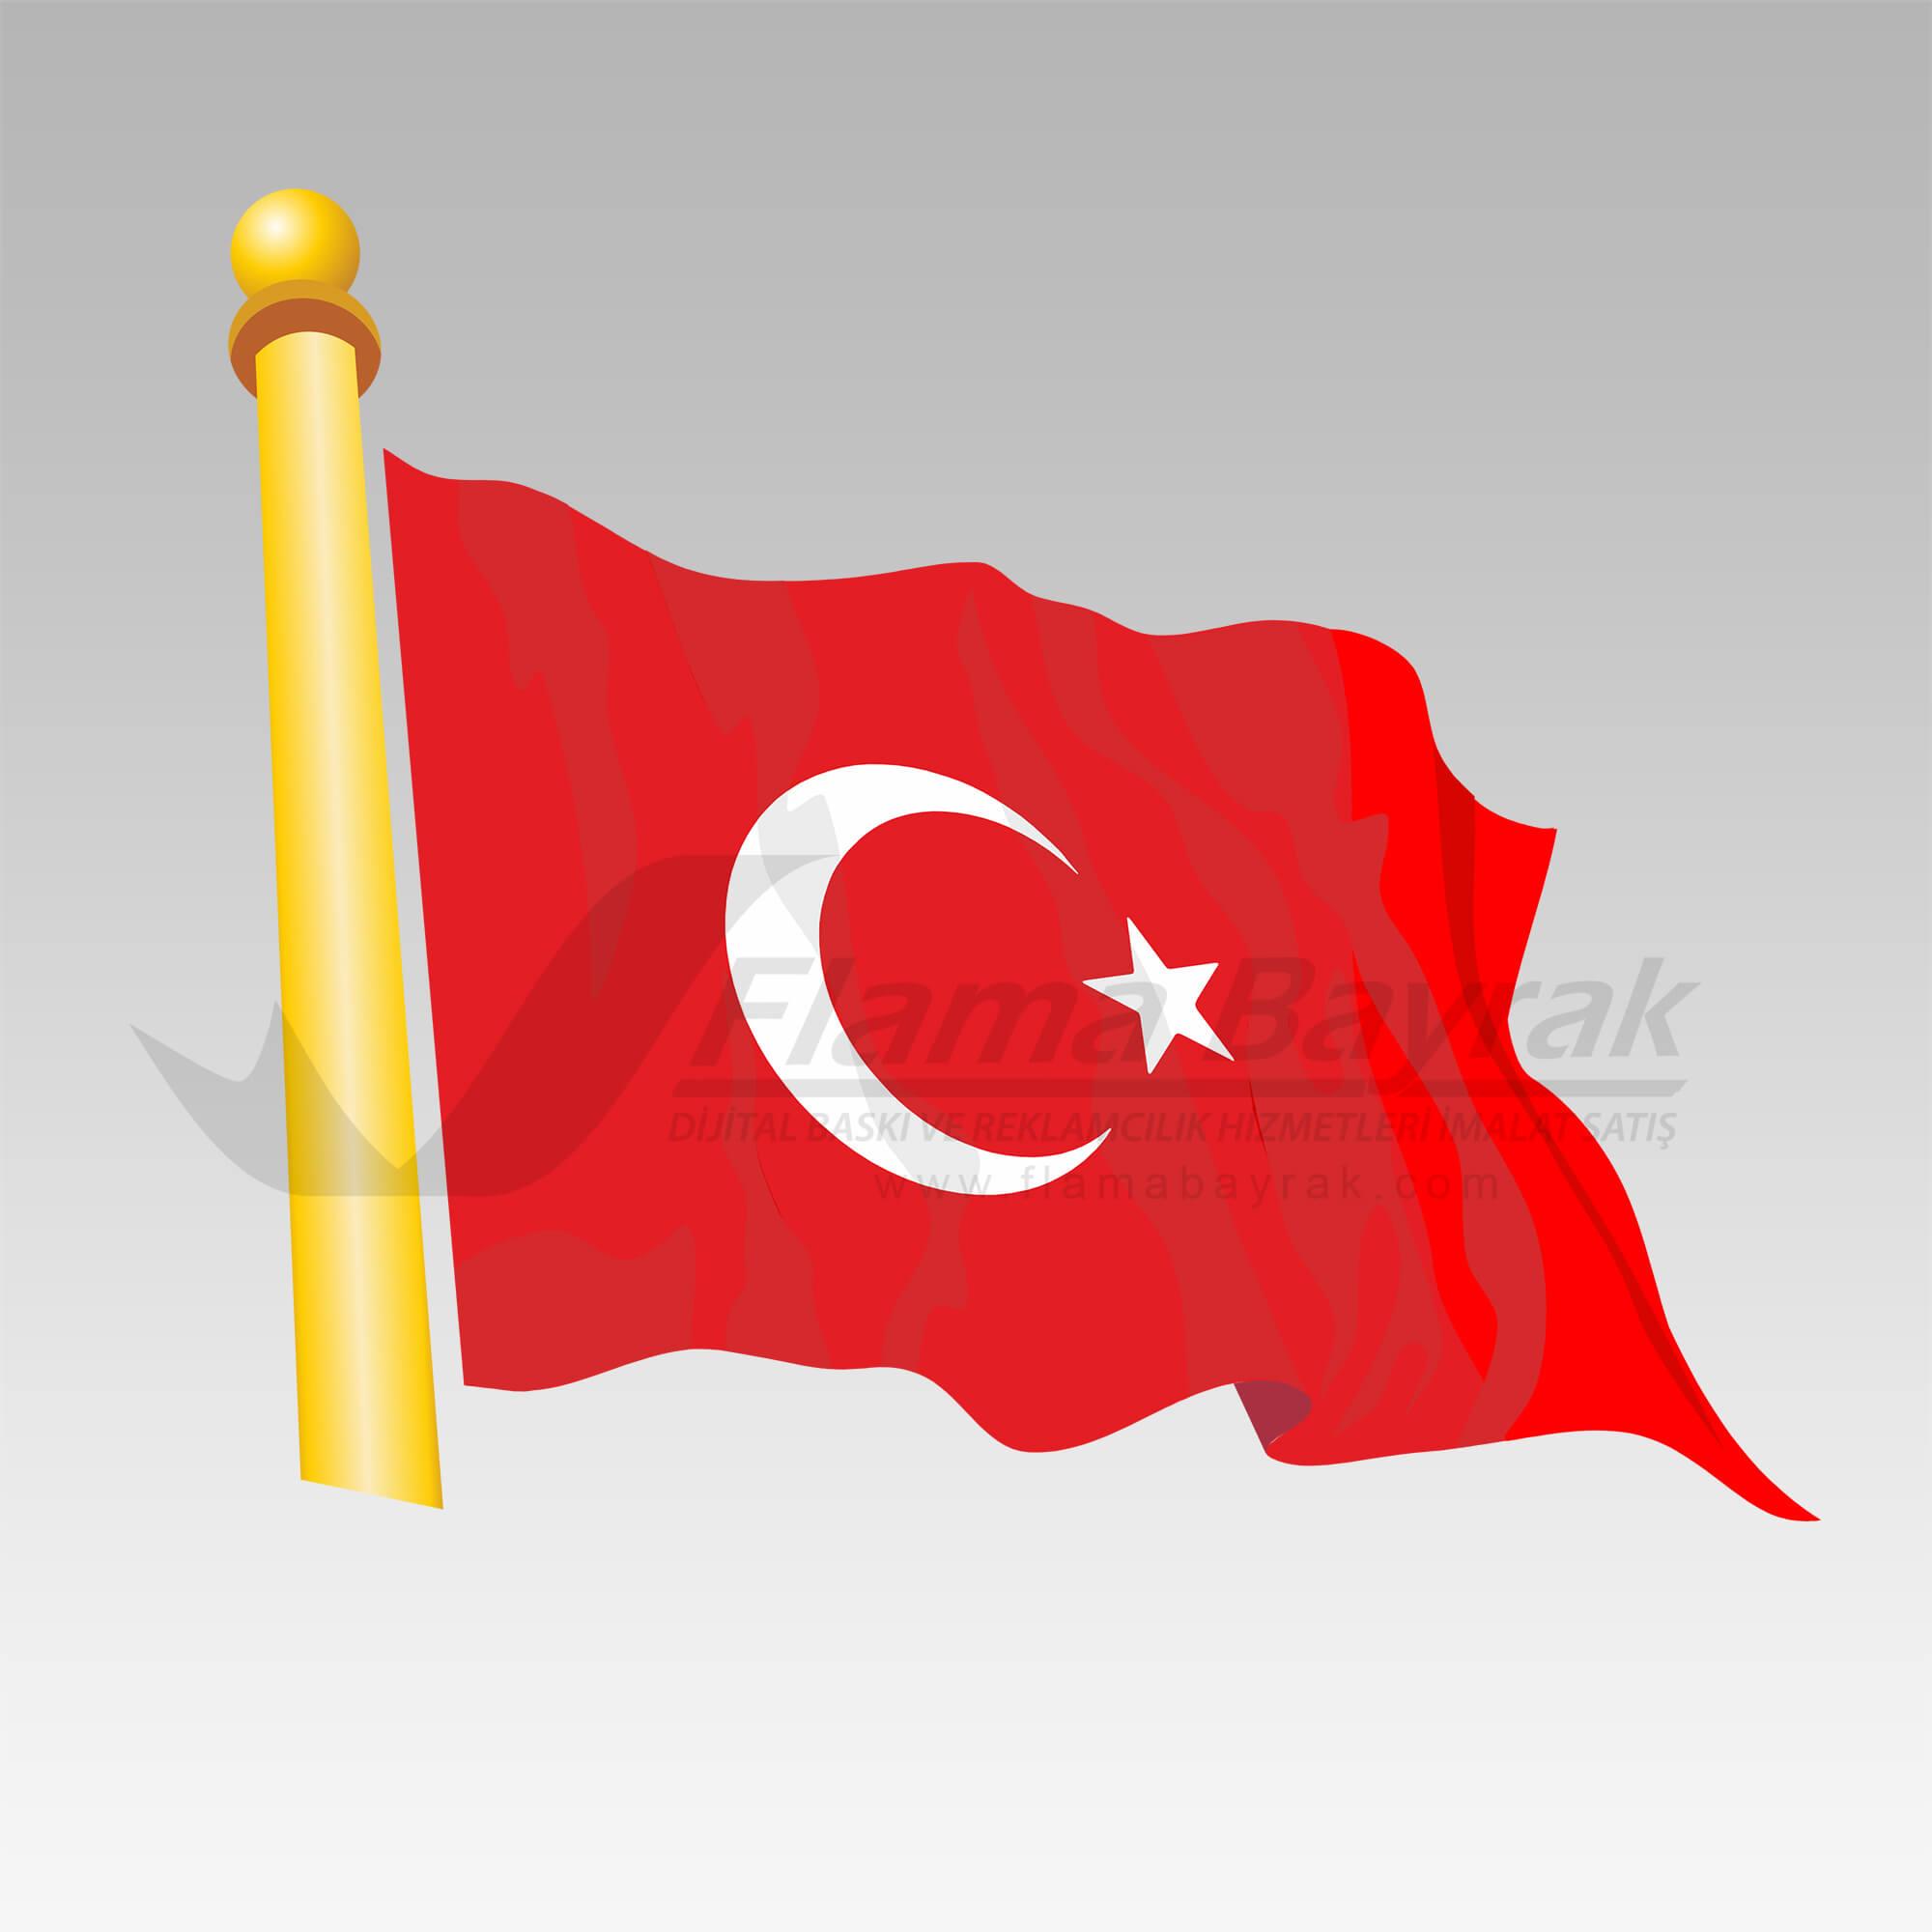 Türk Bayrağı 2 Türk Bayrağı